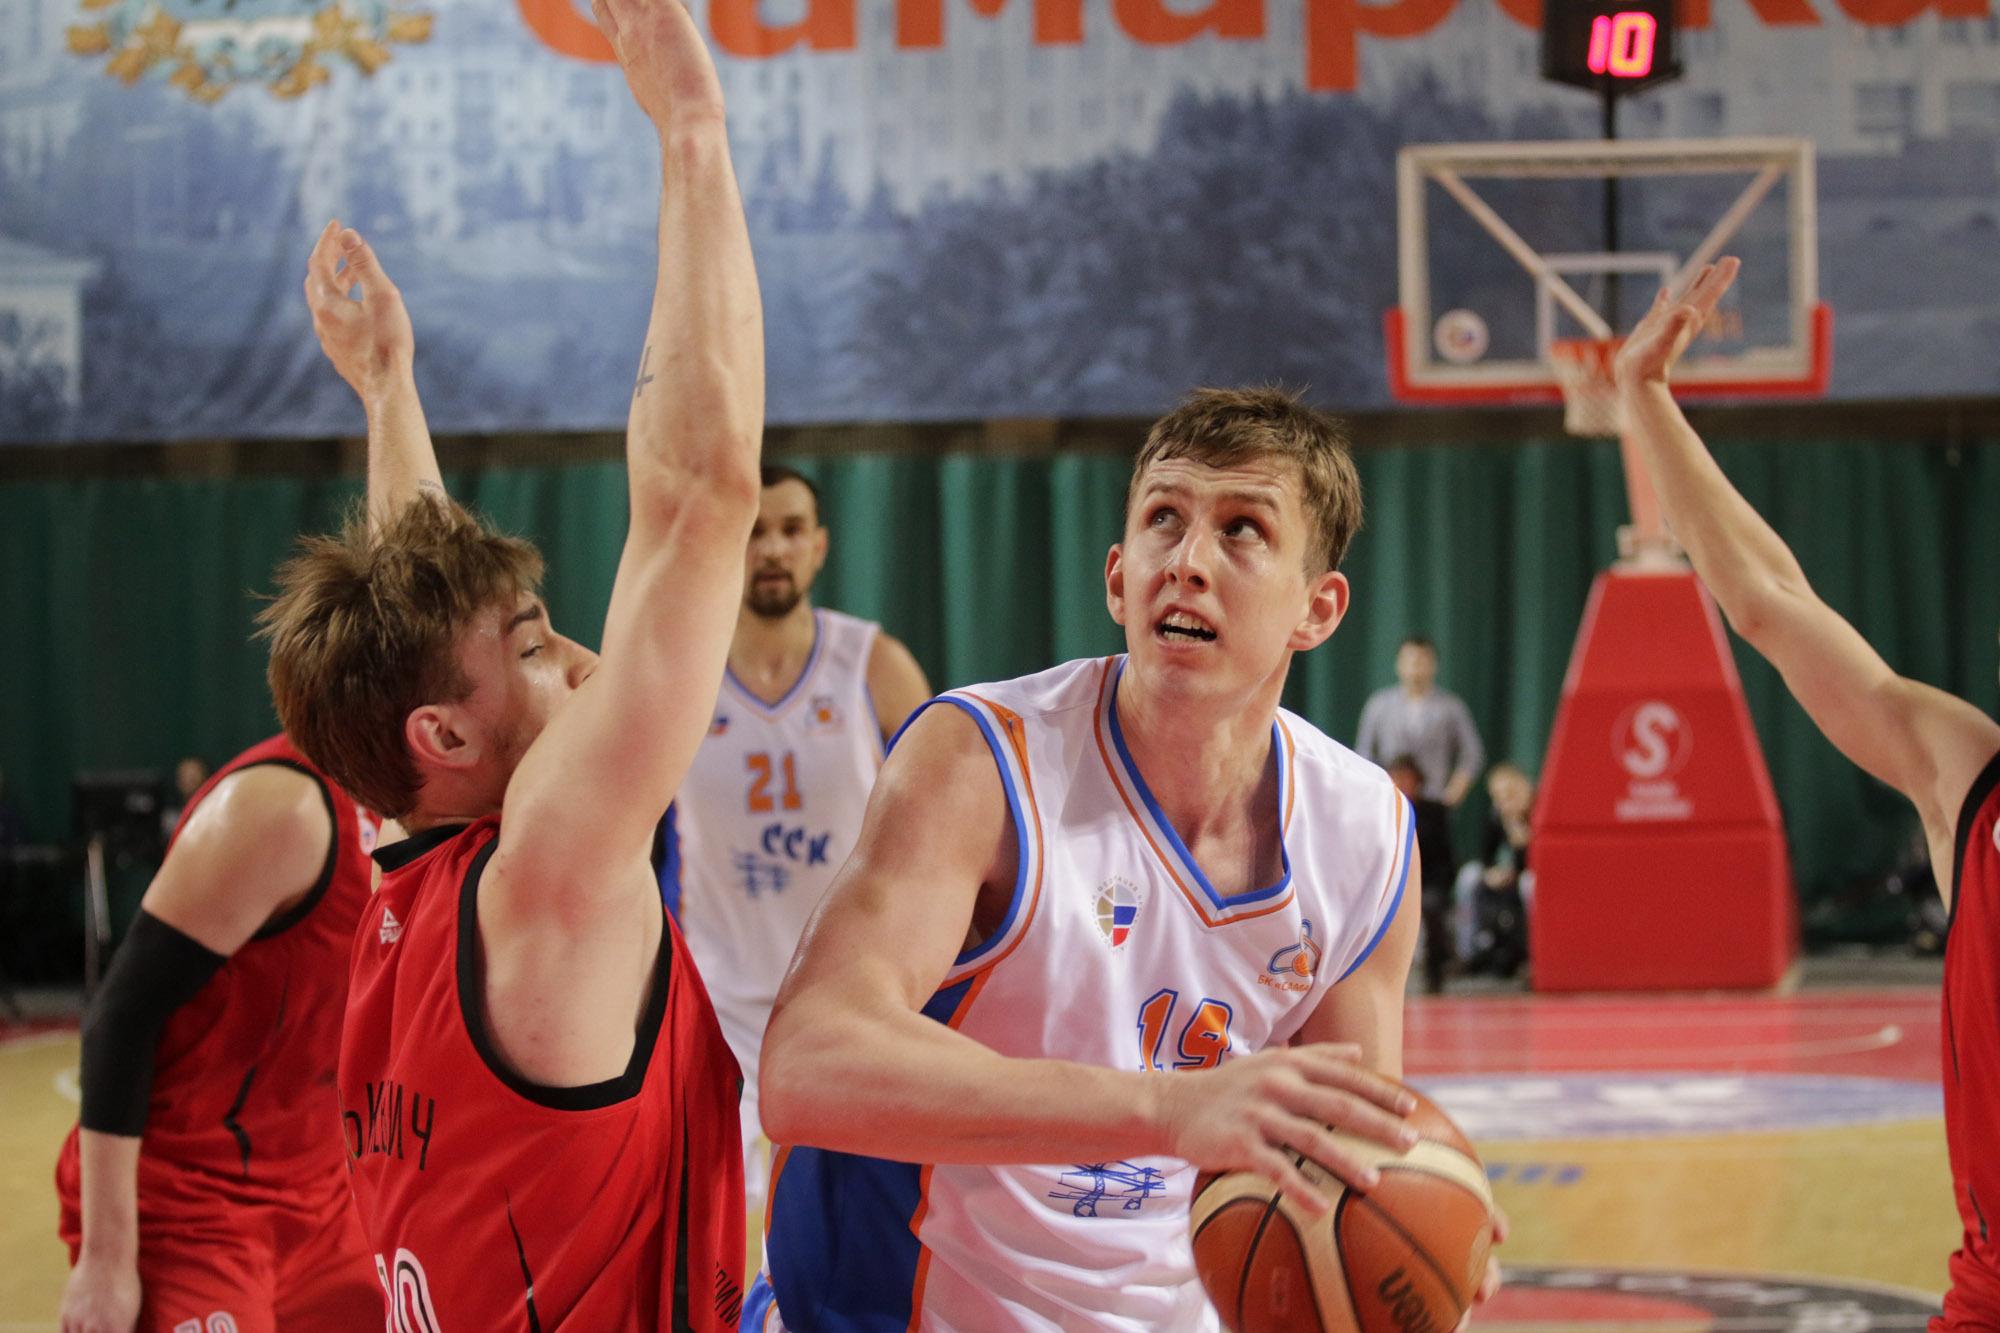 Баскетбольная «Самара» стартовала вплей-офф Суперлиги споражения